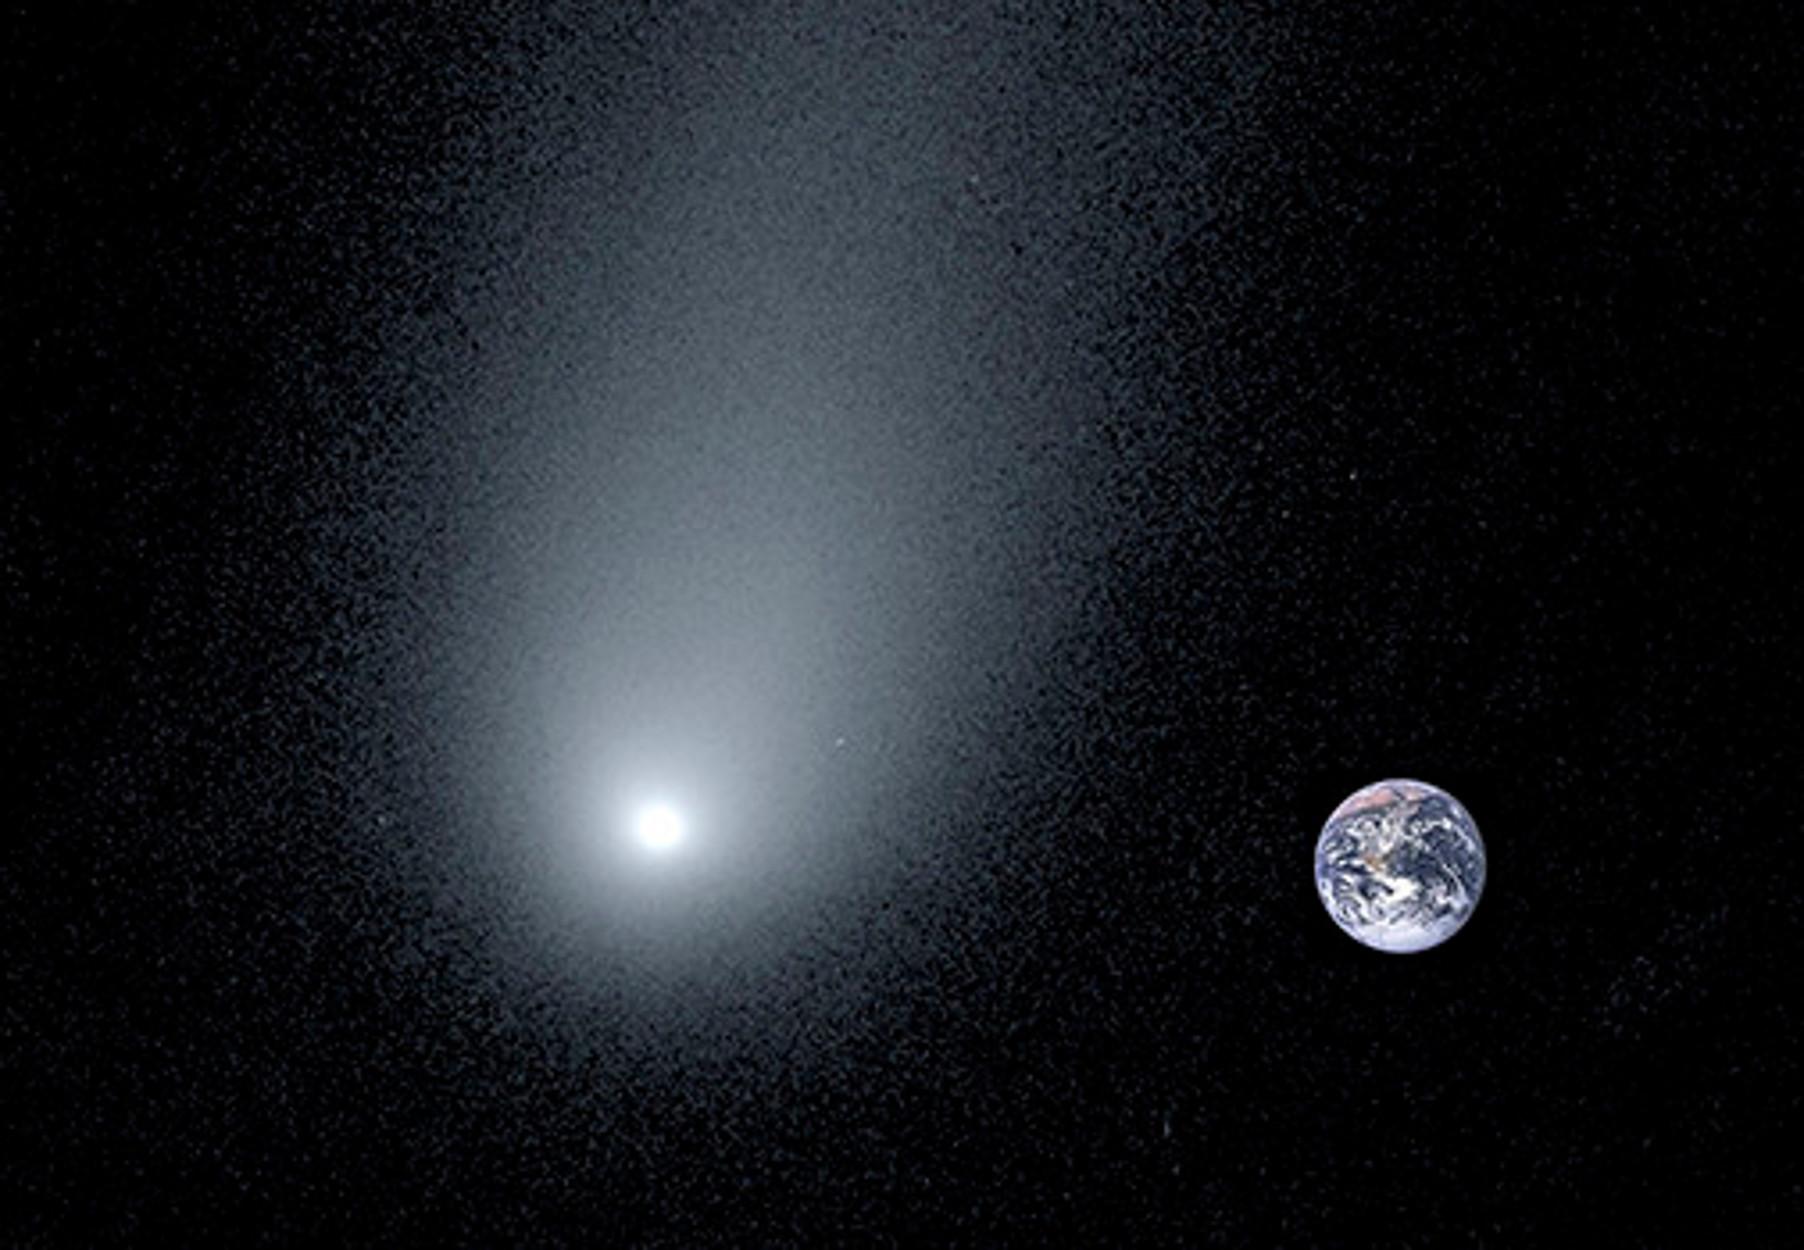 Αυτός είναι ο τεράστιος κομήτης που πλησιάζει την Γη - Οι πρώτες εικόνες